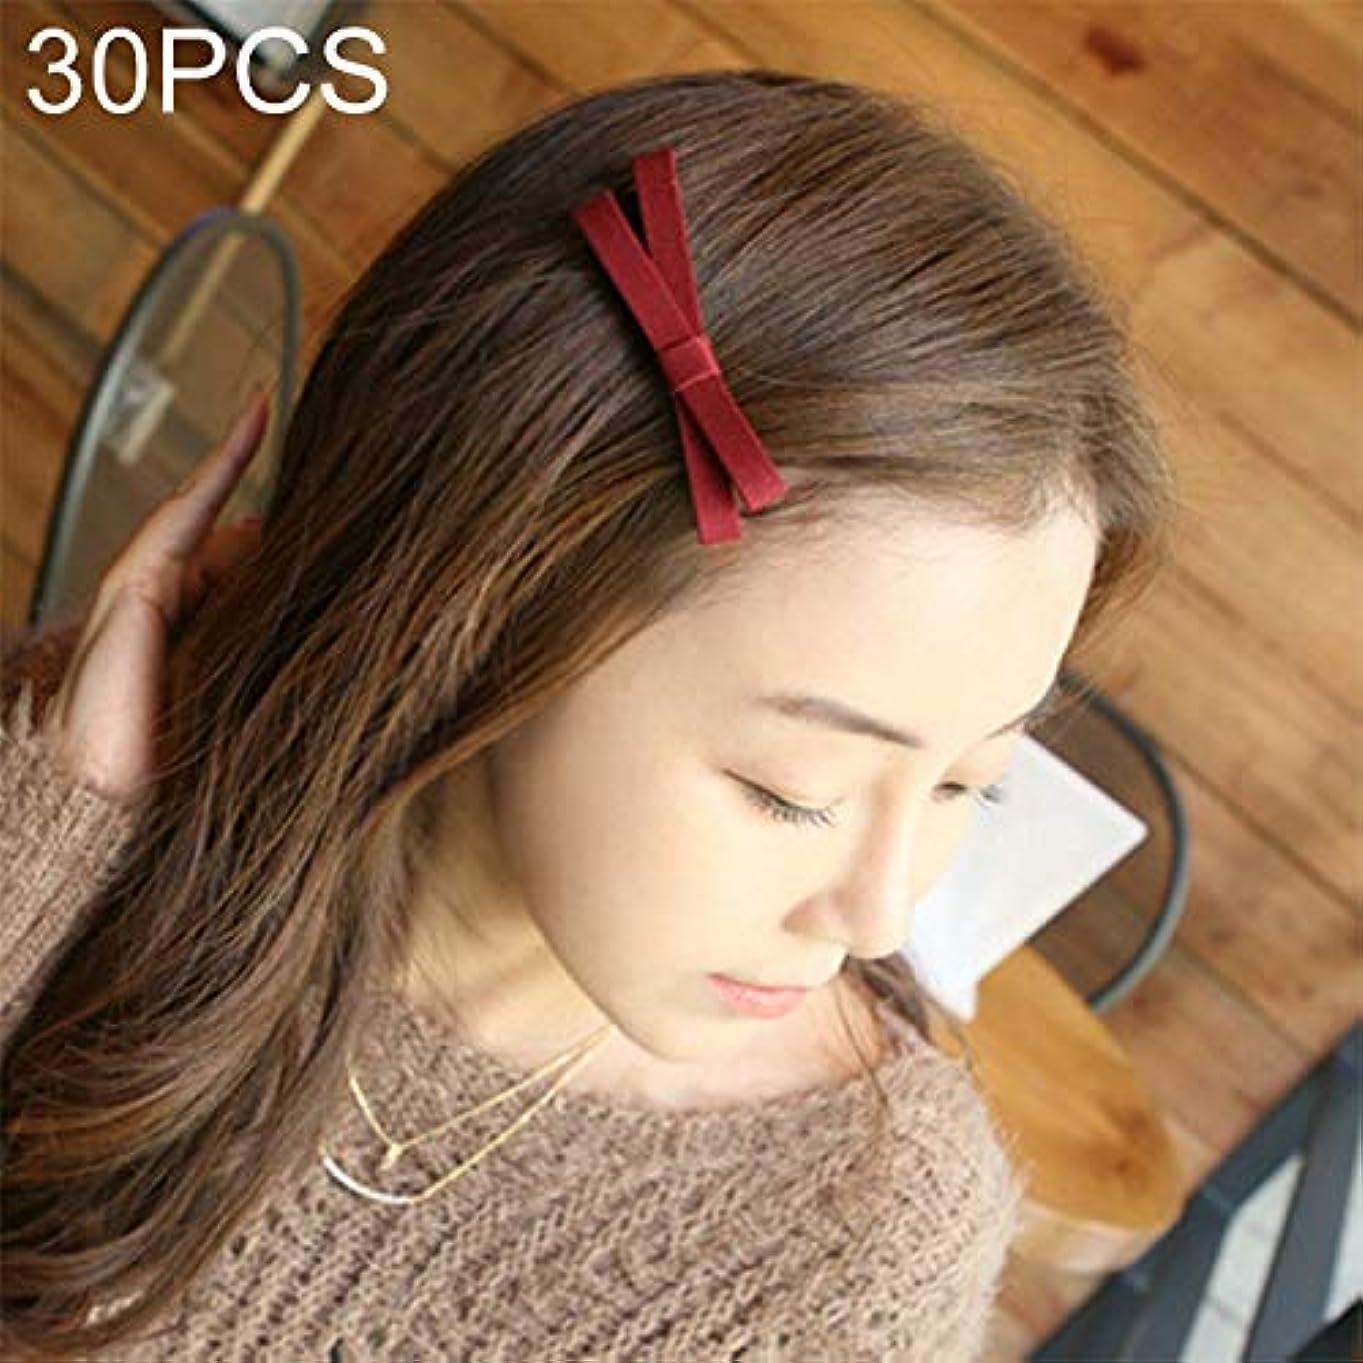 グローバル異なる治世フラワーヘアピンFlowerHairpin YHM 30 PCS布ちょう結びスタイルクロスヘアピンランダムカラー配達